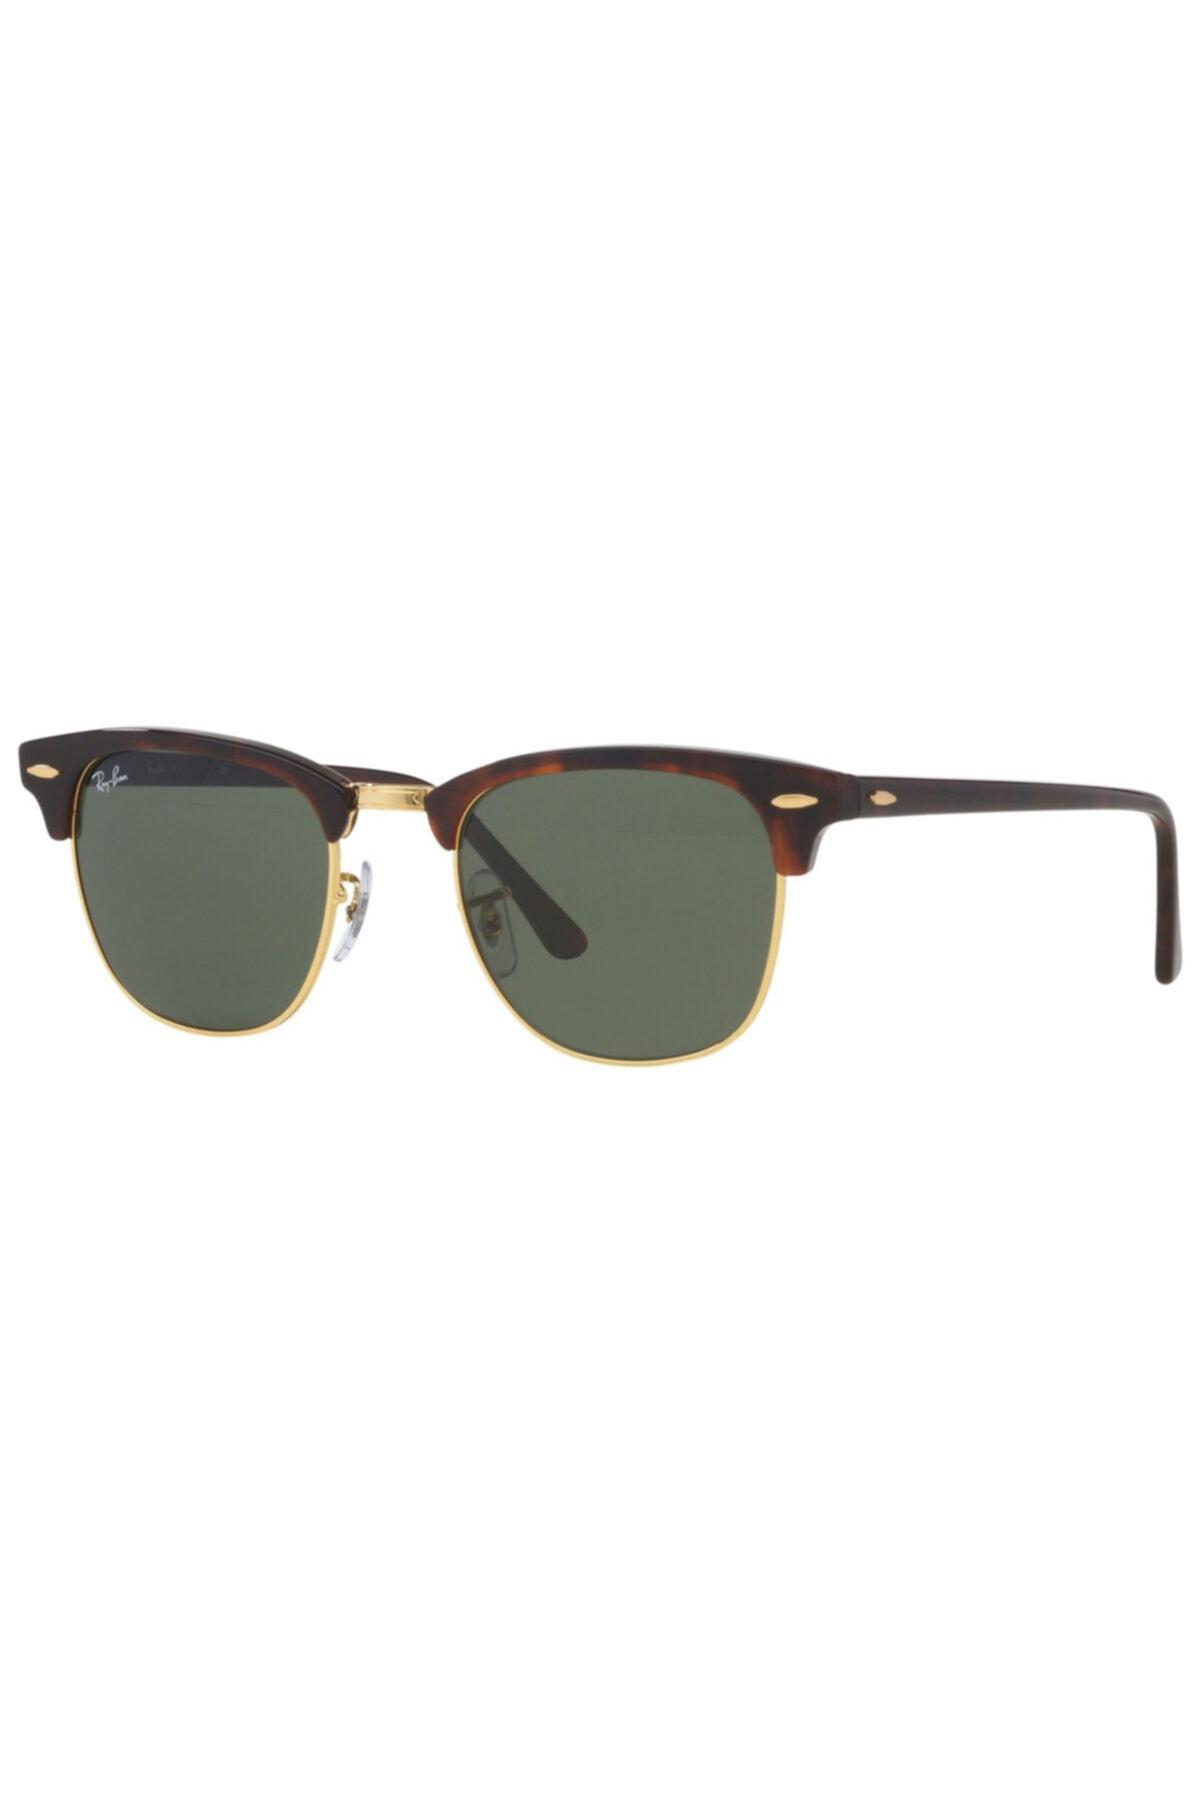 خرید نقدی عینک آفتابی شیک برند ری بن کد ty929394